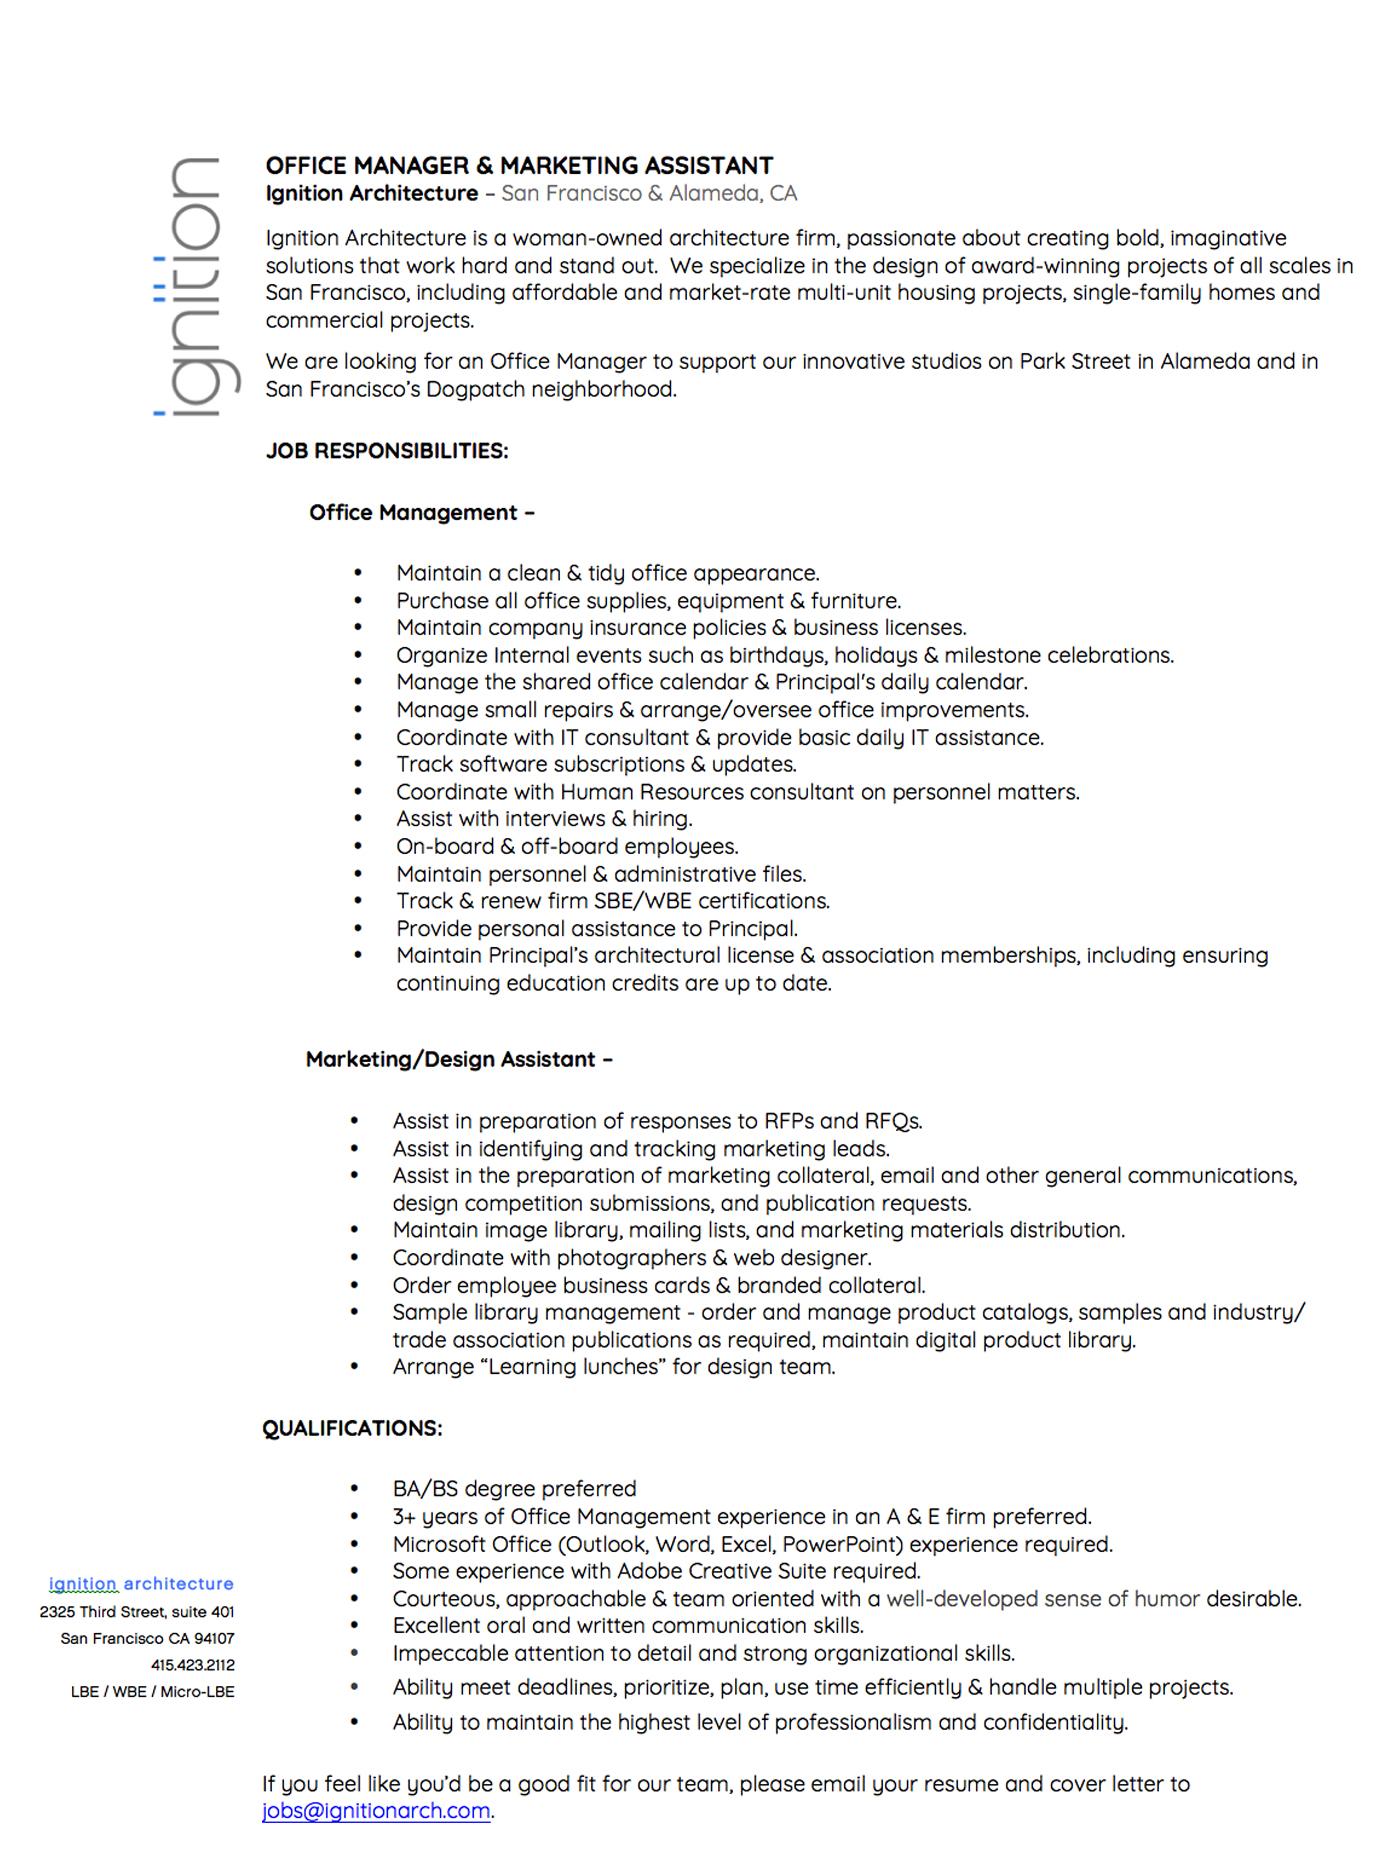 marketing assistant job description